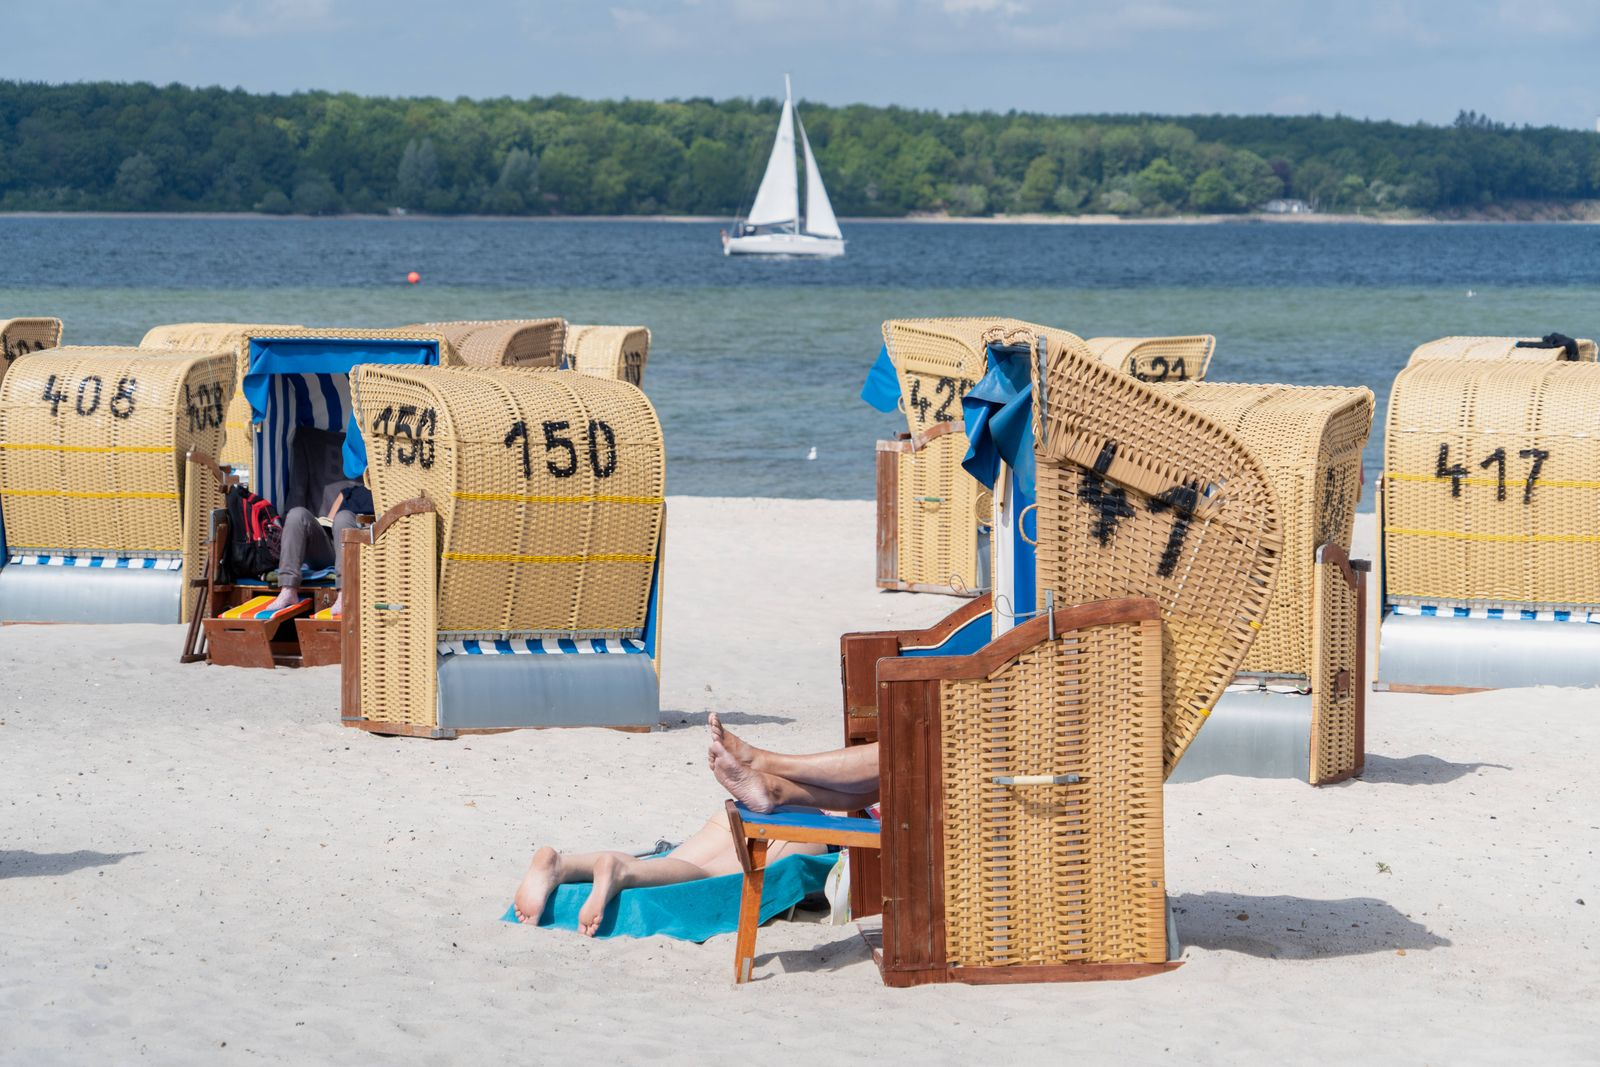 Schleswig-Holstein bereitet sich auf die Feriensaison vor Strandszene in Laboe an der Kieler Förde -;Schleswig-Holstein